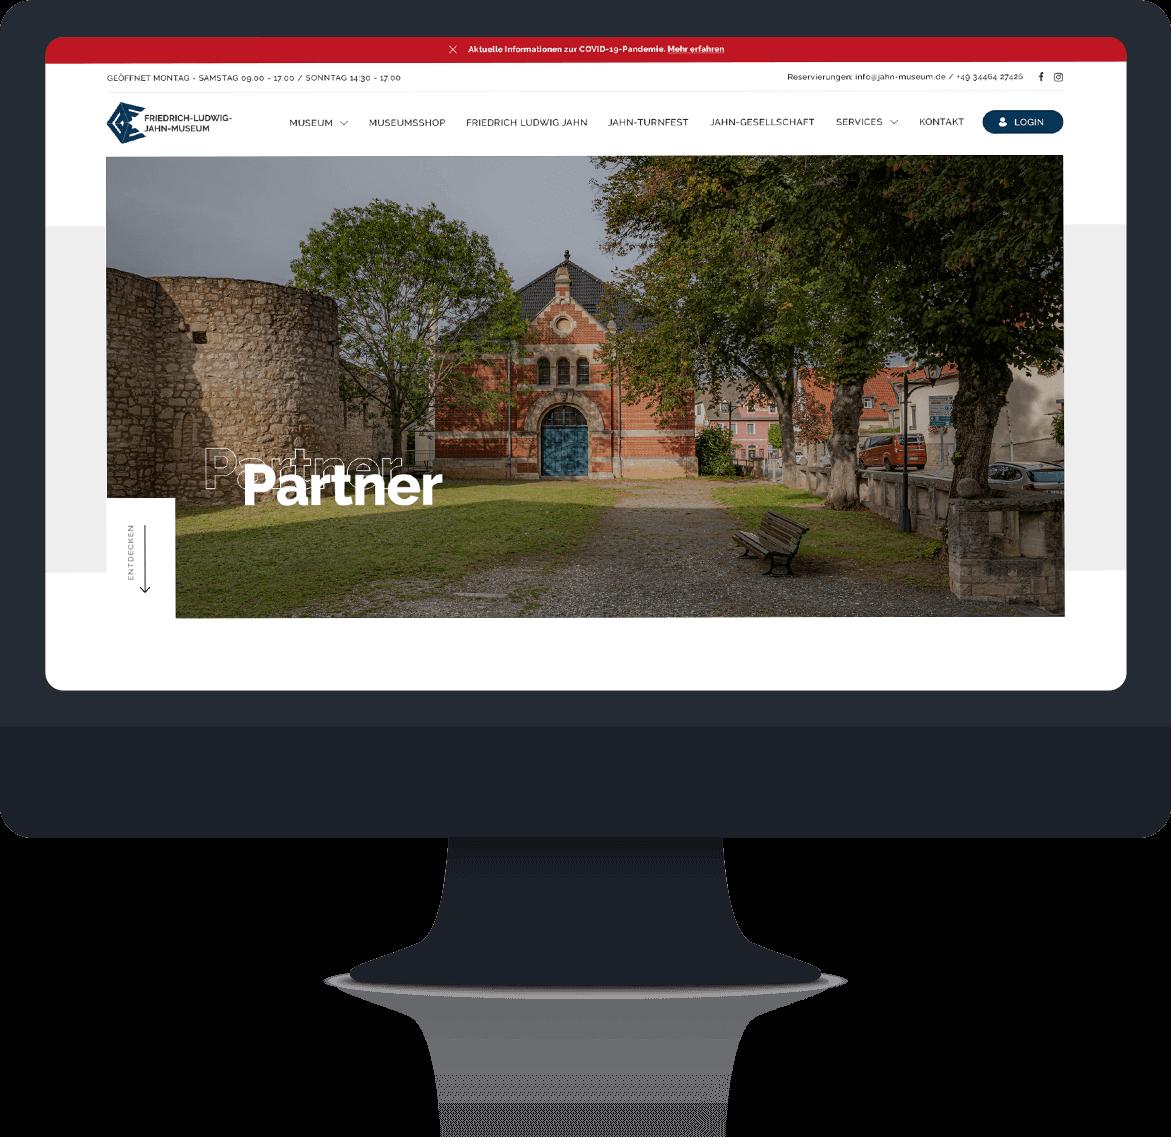 Desktop Bild mit romantischem Jahn-Gebäude im Hintergrund einer Parkanlage